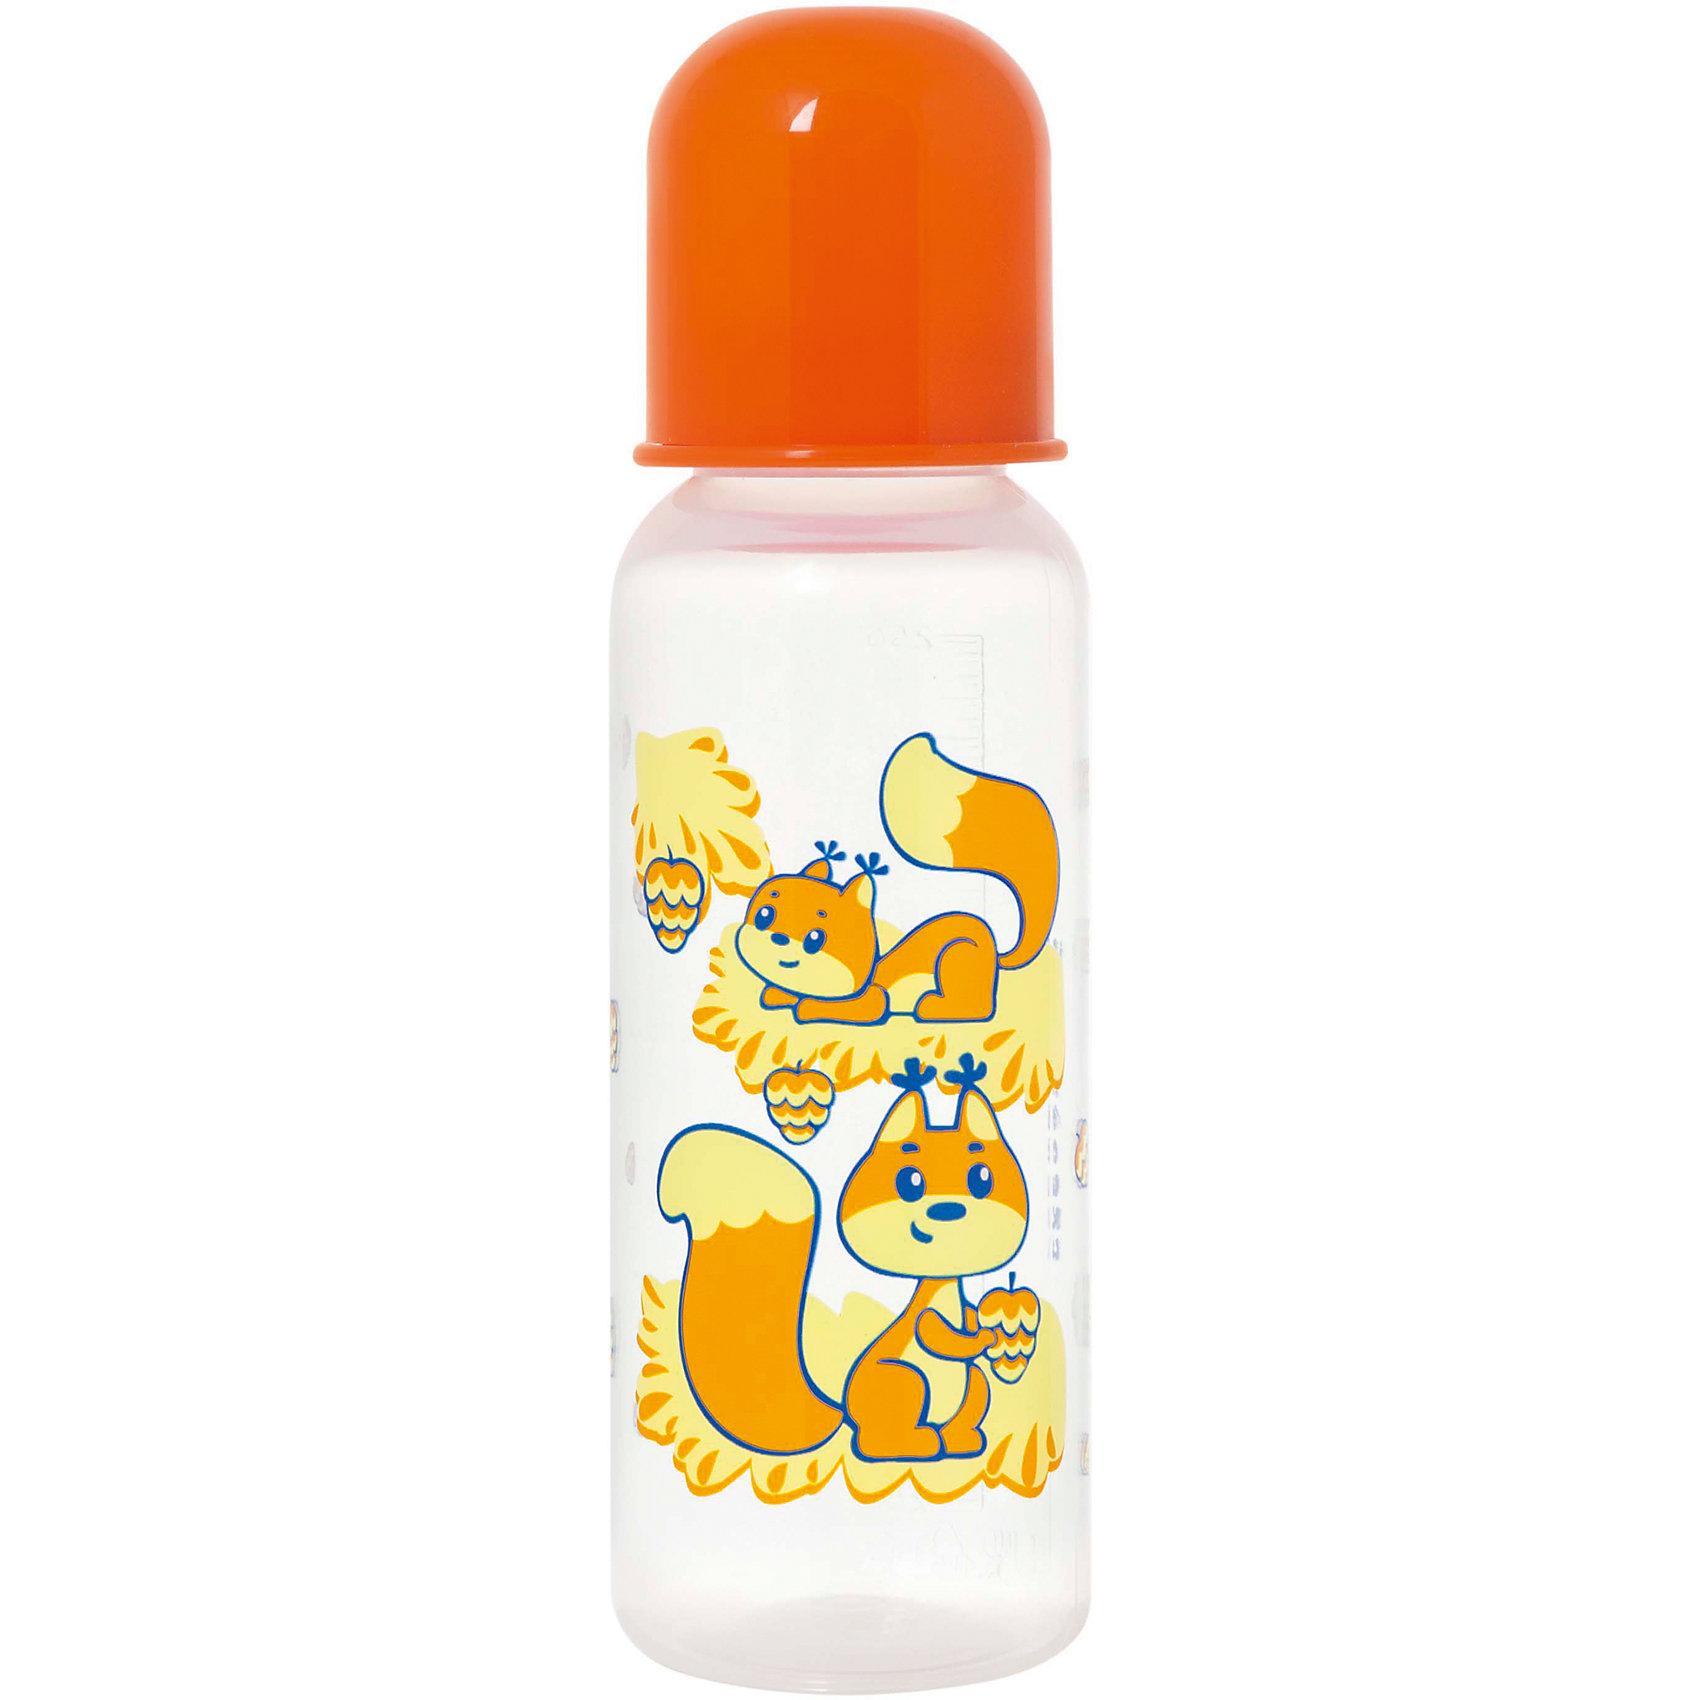 Бутылочка с латексной соской Мои любимые животные, 250 мл, Kurnosiki, оранжевыйБутылочки и аксессуары<br>Характеристики:<br><br>• Наименование: бутылка для кормления<br>• Рекомендуемый возраст: от 0 месяцев<br>• Пол: универсальный<br>• Объем: 250 мл<br>• Материал: латекс, пластик<br>• Цвет: оранжевый<br>• Серия: Мои любимые животные<br>• Форма соски: классическая<br>• Поток у соски: медленный<br>• Комплектация: бутылочка, соска, колпачок<br>• Эргономичная форма бутылки<br>• Узкое горлышко<br>• Вес: 110 г<br>• Можно использовать в СВЧ и посудомоечной машине<br>• Особенности ухода: регулярная стерилизация и своевременная замена соски<br><br>Бутылочка с латексной соской Мои любимые животные, 250 мл, Kurnosiki, желтый выполнена из прочного и жароустойчивого пластика, на котором не появляются царапины и сколы. У бутылочки узкое горлышко. Форма – эргономическая, ее удобно держать в руках малышу. Латексная соска классической формы длительное время сохраняет свои свойства: не рассасывается и не меняет форму. <br><br>Изделие выполнено в брендовом дизайне: на бутылочку нанесено изображение одного из героев серии – тигренка. Рисунок устойчив к выцветанию и истиранию. Бутылочка с латексной соской Мои любимые животные, 250 мл, Kurnosiki, желтый – это практичный и стильный предмет для кормления малыша!<br><br>Бутылочку с латексной соской Мои любимые животные, 250 мл, Kurnosiki, желтый можно купить в нашем интернет-магазине.<br><br>Ширина мм: 60<br>Глубина мм: 80<br>Высота мм: 210<br>Вес г: 78<br>Возраст от месяцев: 0<br>Возраст до месяцев: 18<br>Пол: Унисекс<br>Возраст: Детский<br>SKU: 5428777